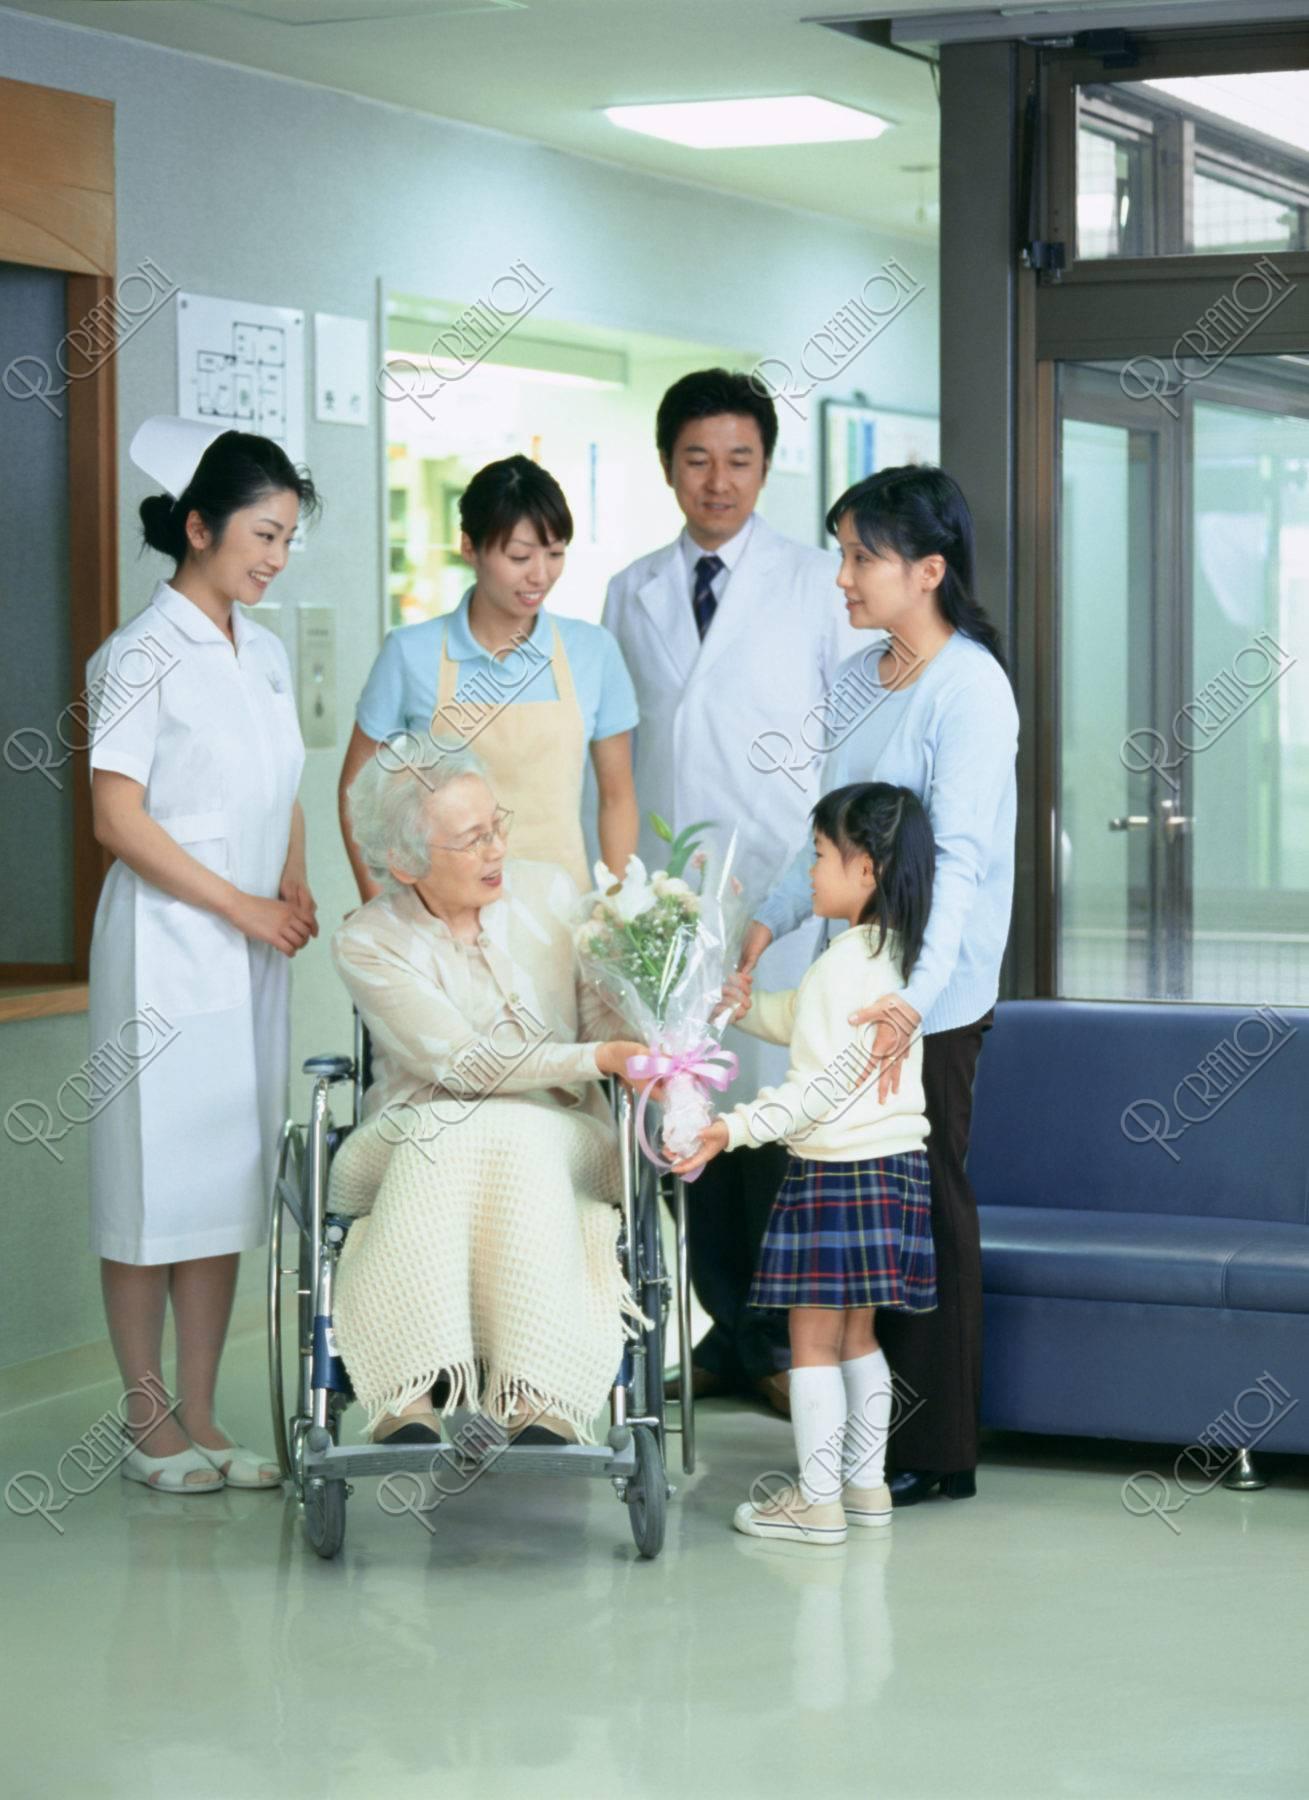 お年寄りの退院